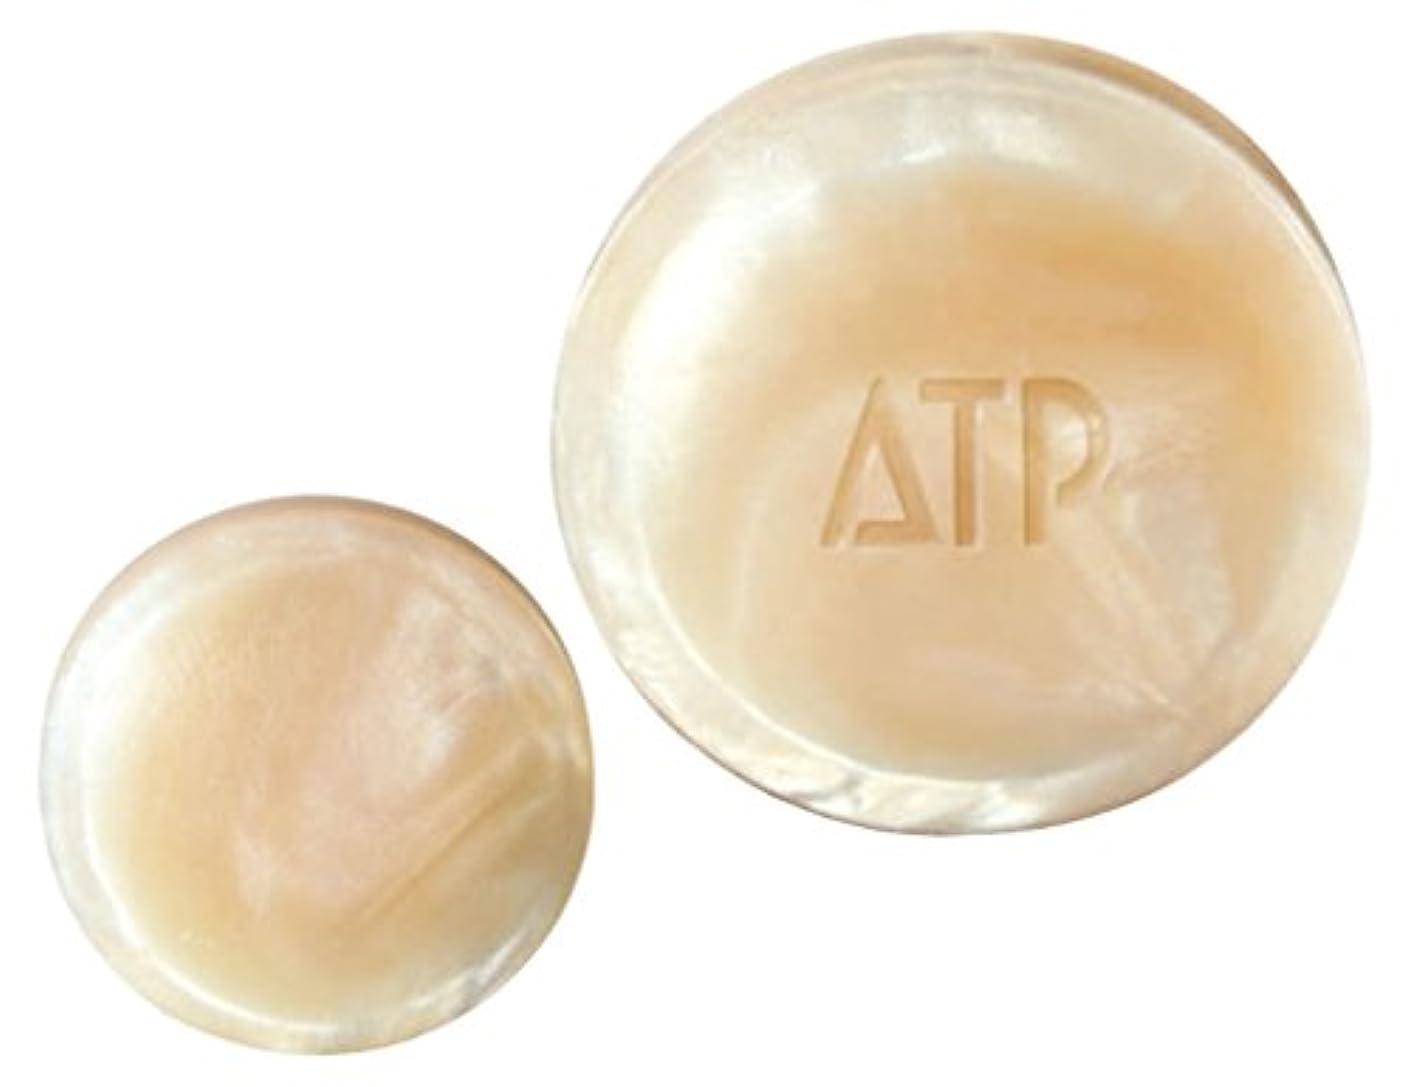 セールインフルエンザ薬用薬用ATP デリケアソープ 30g (全身用洗浄石けん?枠練り) [医薬部外品]